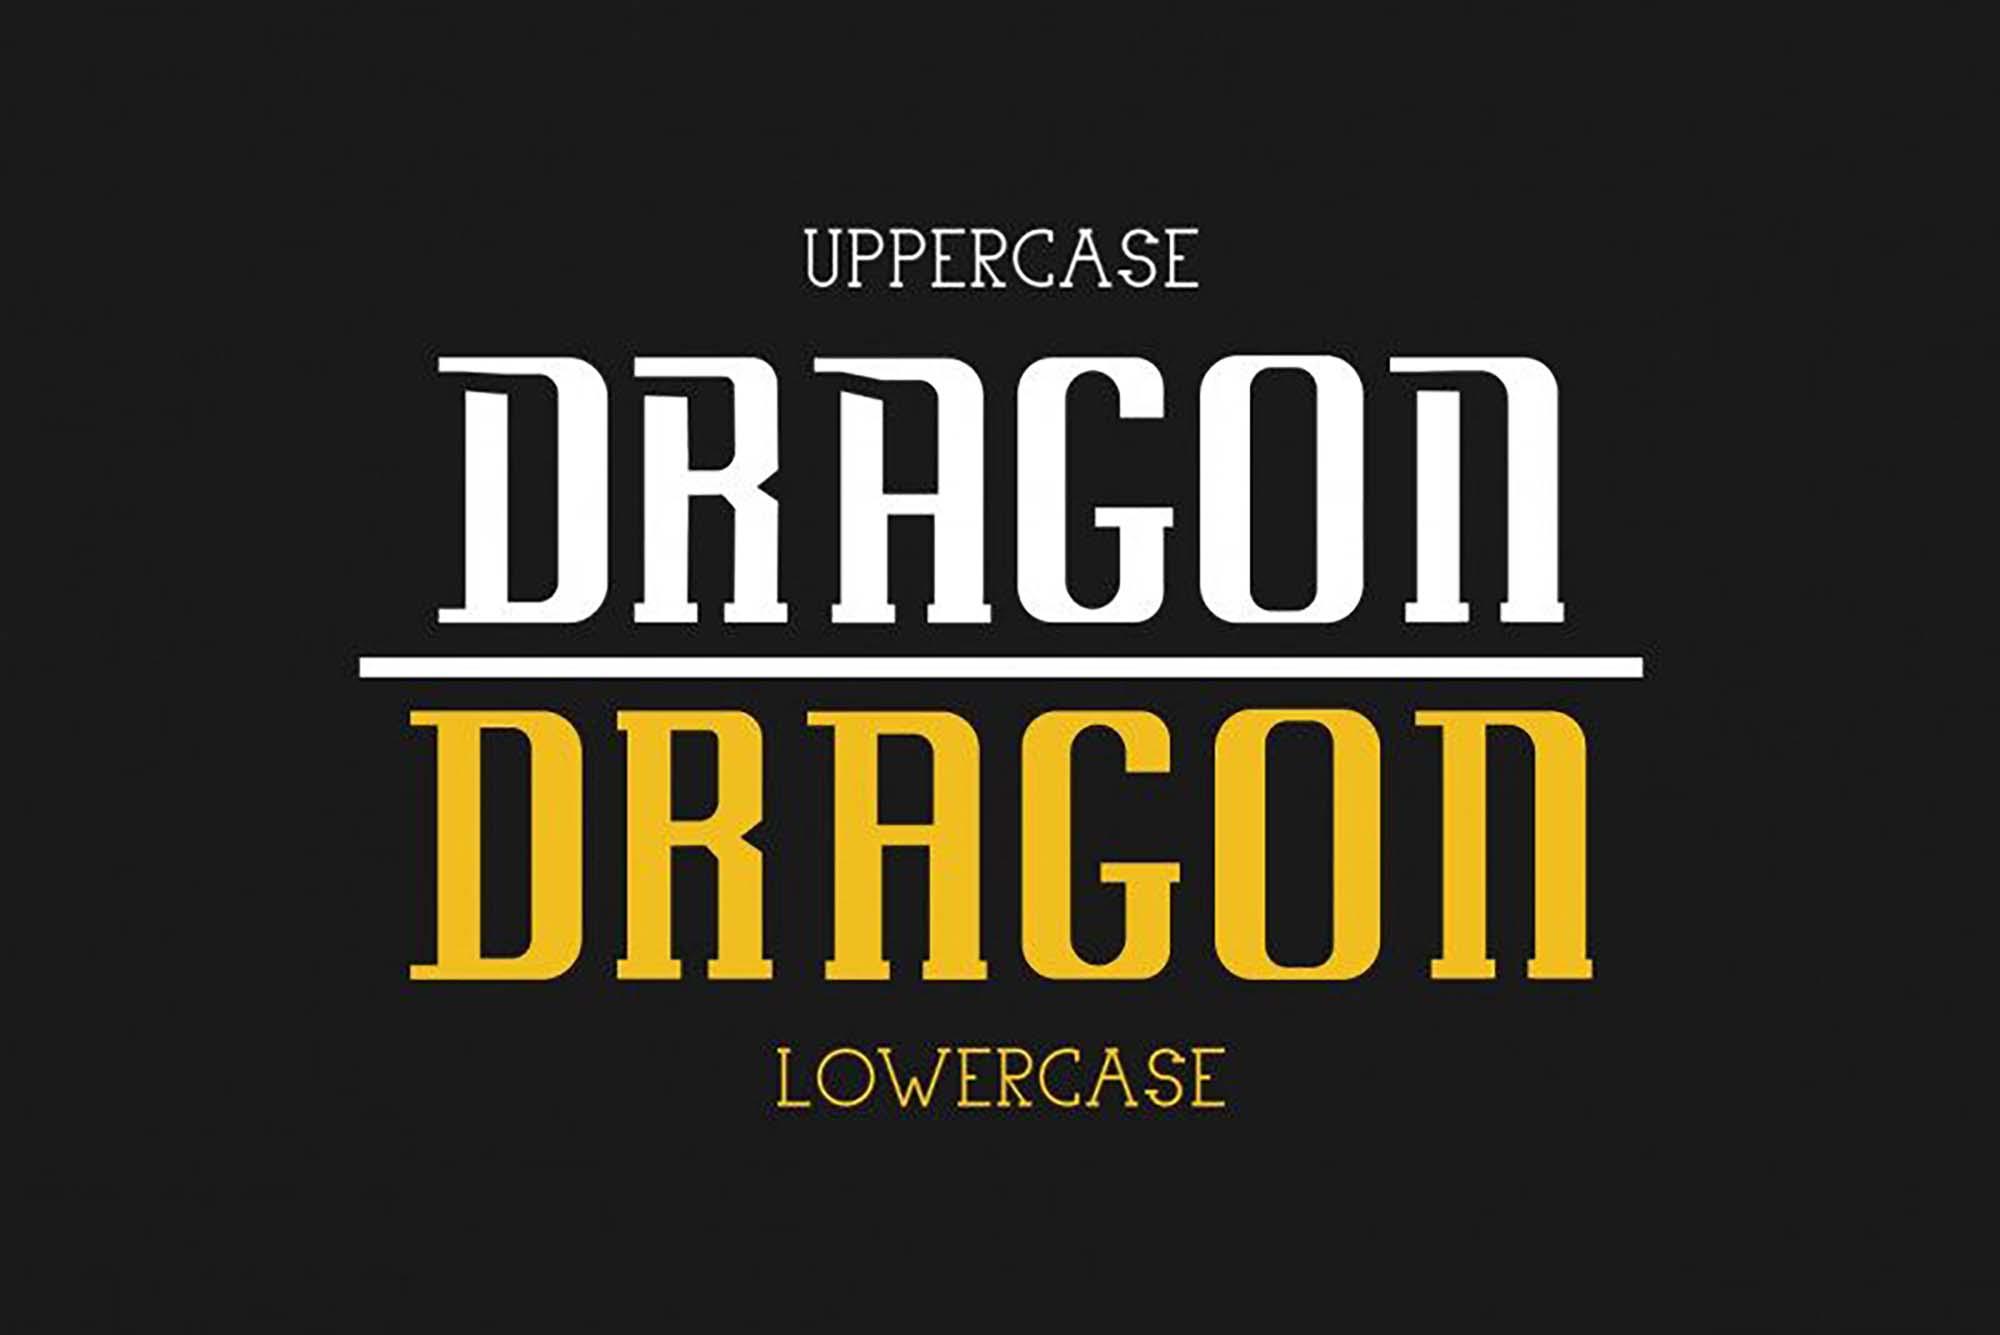 Uovo Di Drago Font 4